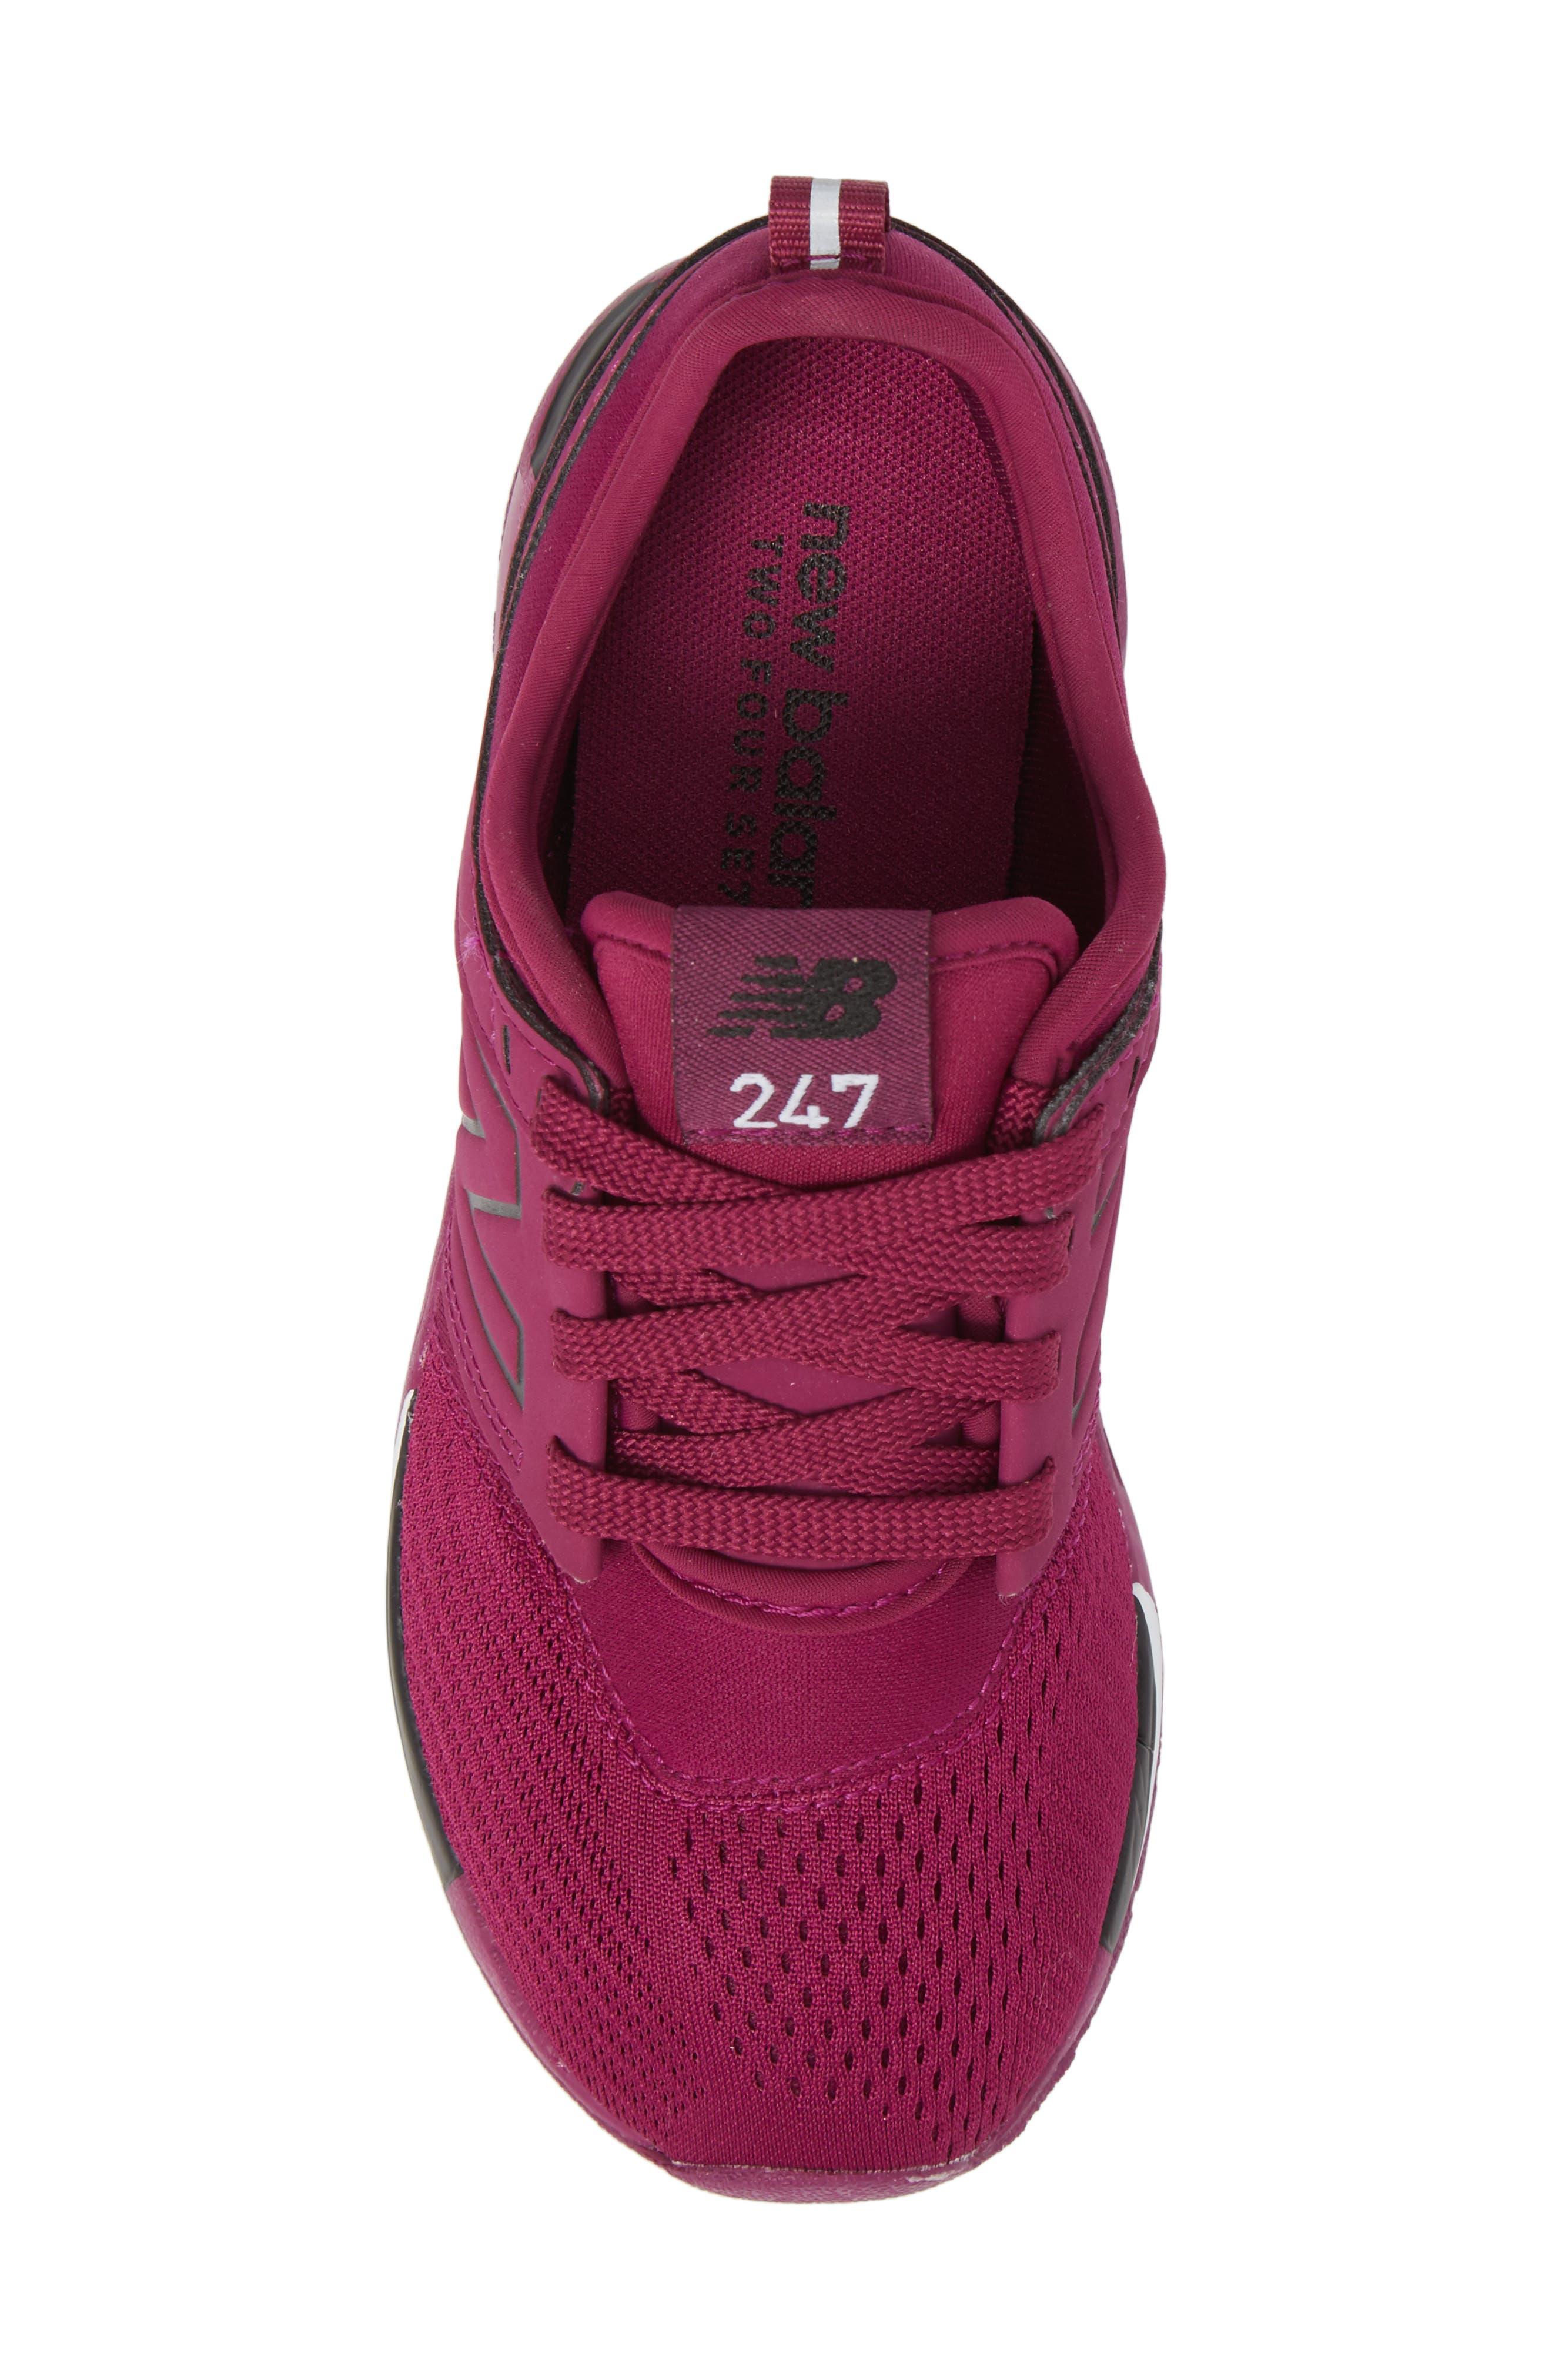 247 Sport Sneaker,                             Alternate thumbnail 5, color,                             Red/ Black